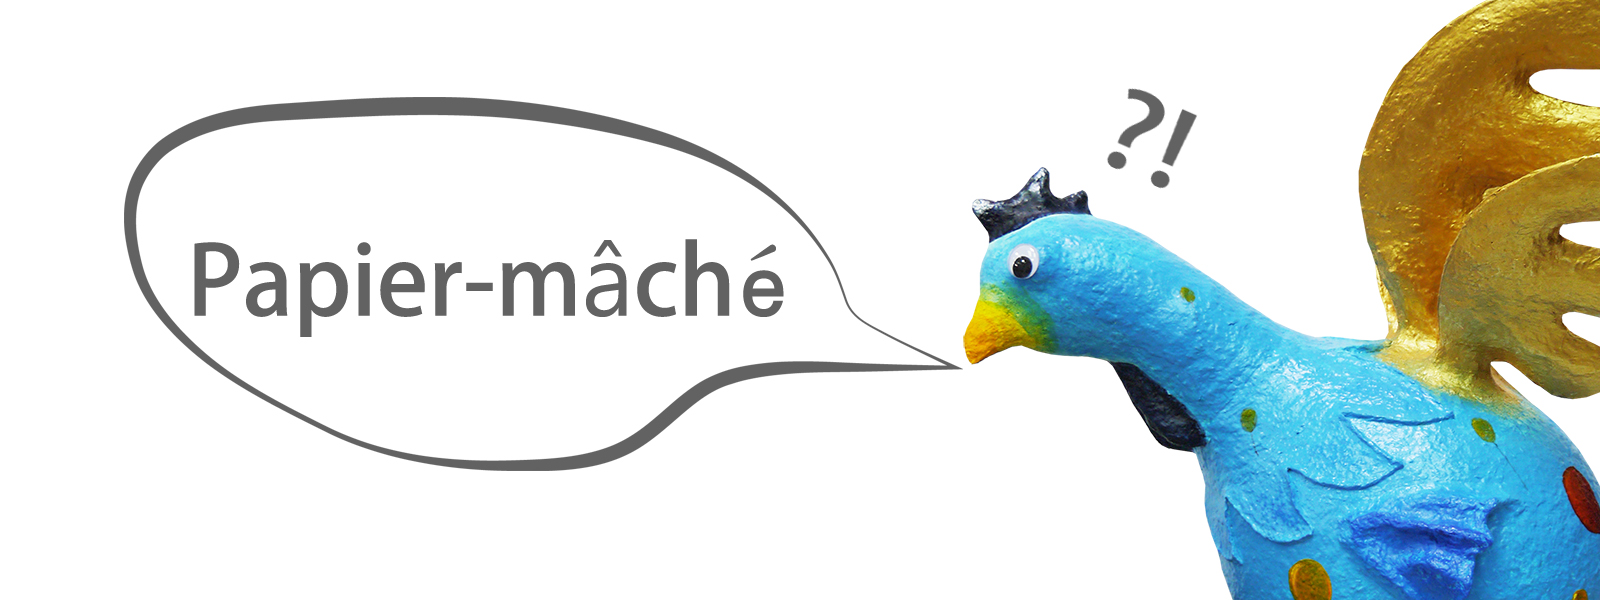 什麼是紙漿藝術Papier-mâché?